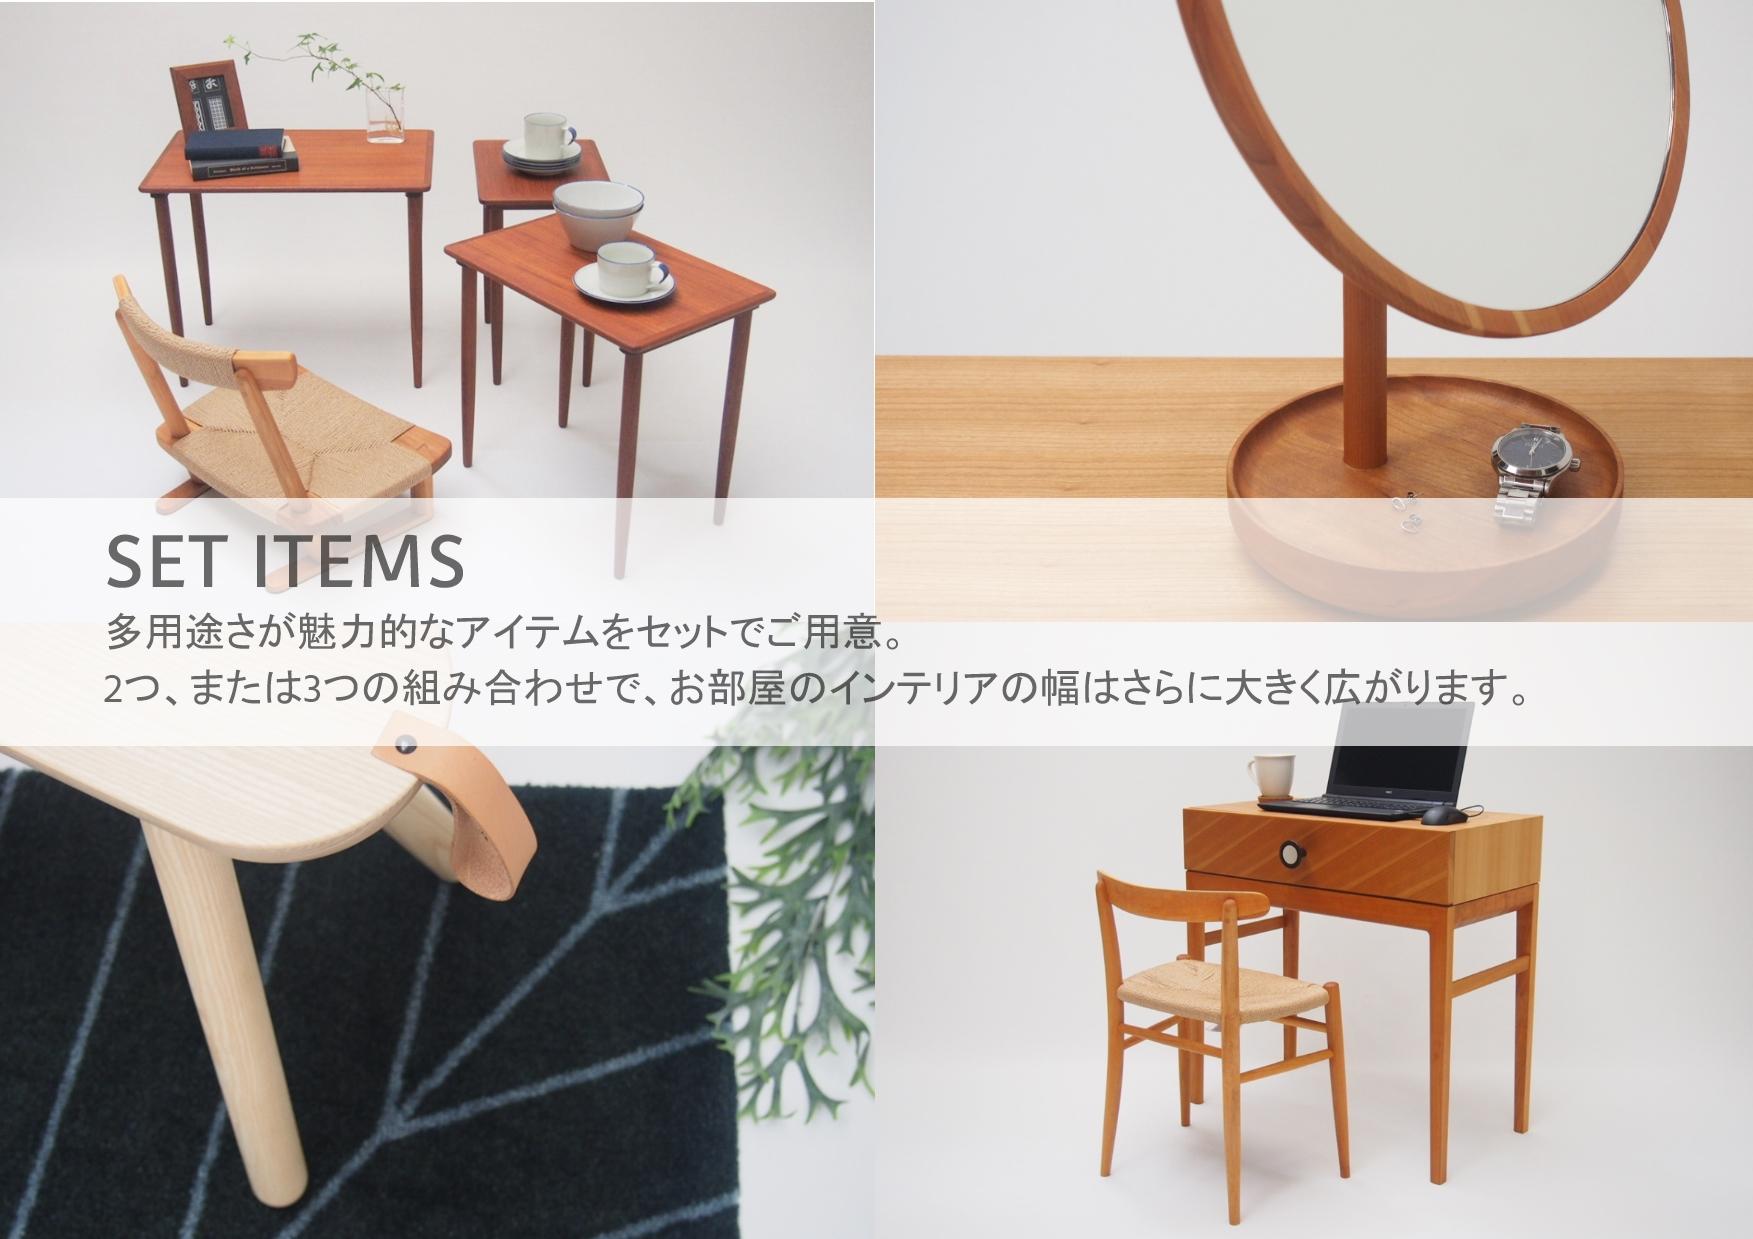 「ふれる」創業88年の家具屋がセレクトした、家具(主にチェア)と雑貨の通販サイト 紹介画像2